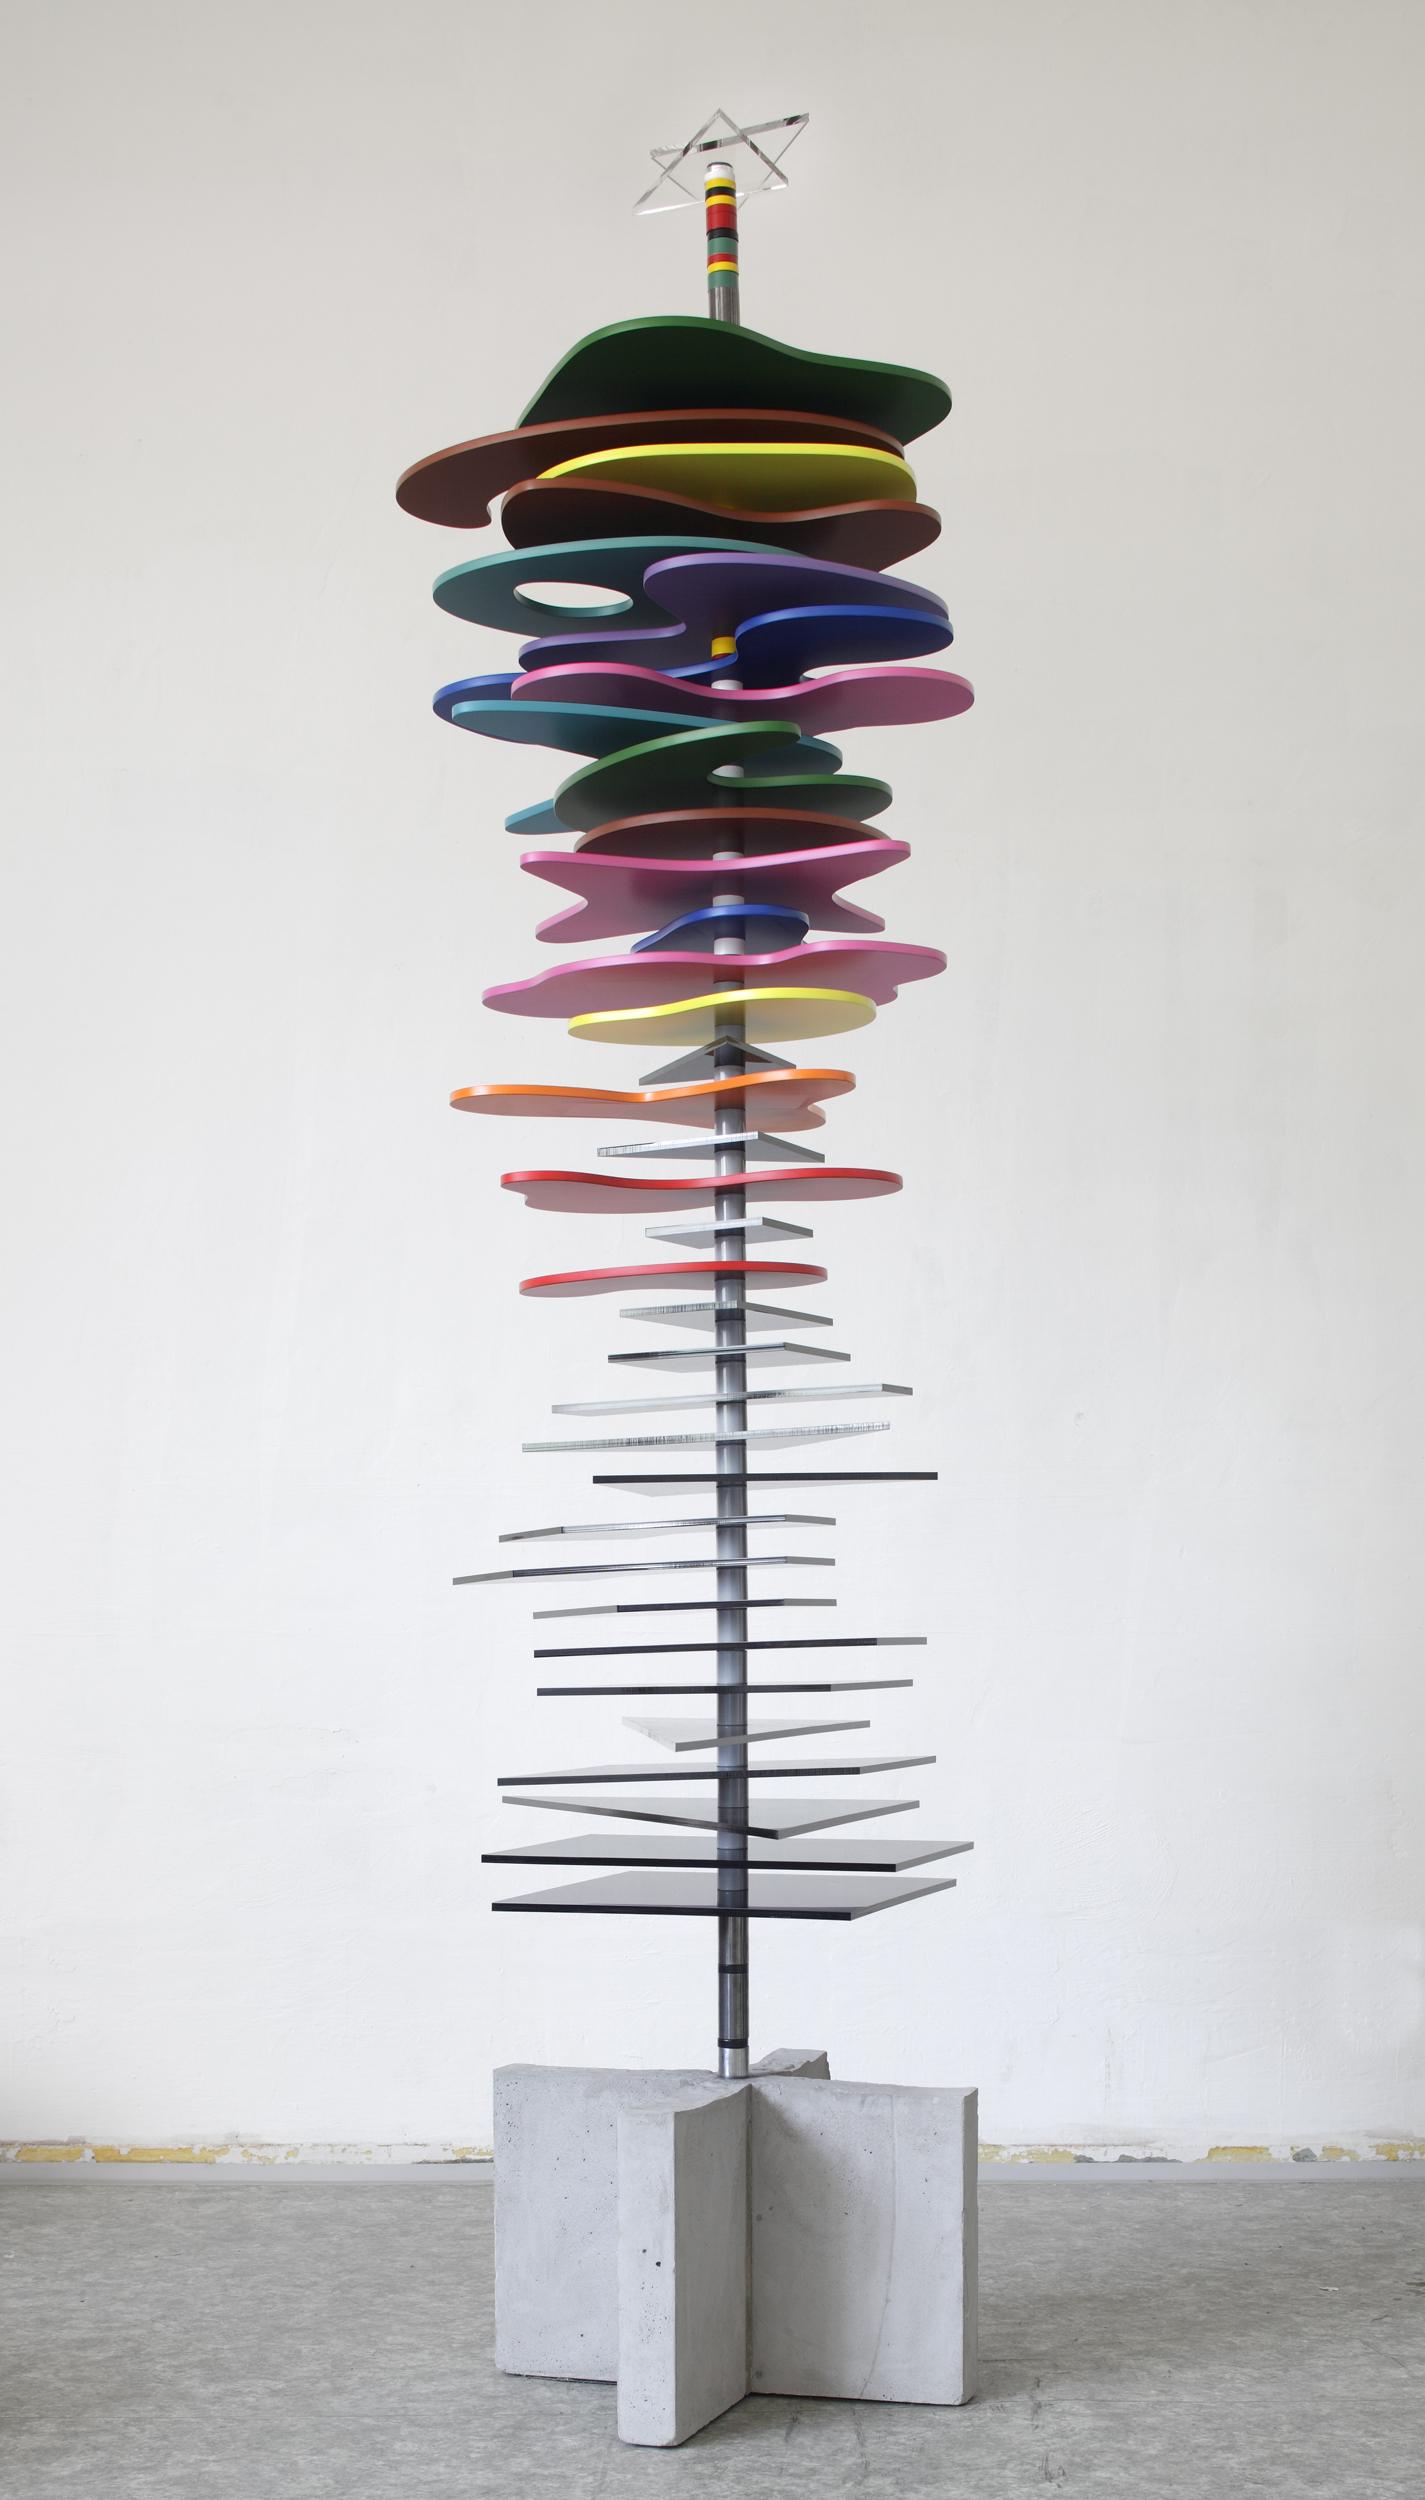 Toystory vol.12011,275x90x60,drevo,kov,plast,beton.jpg